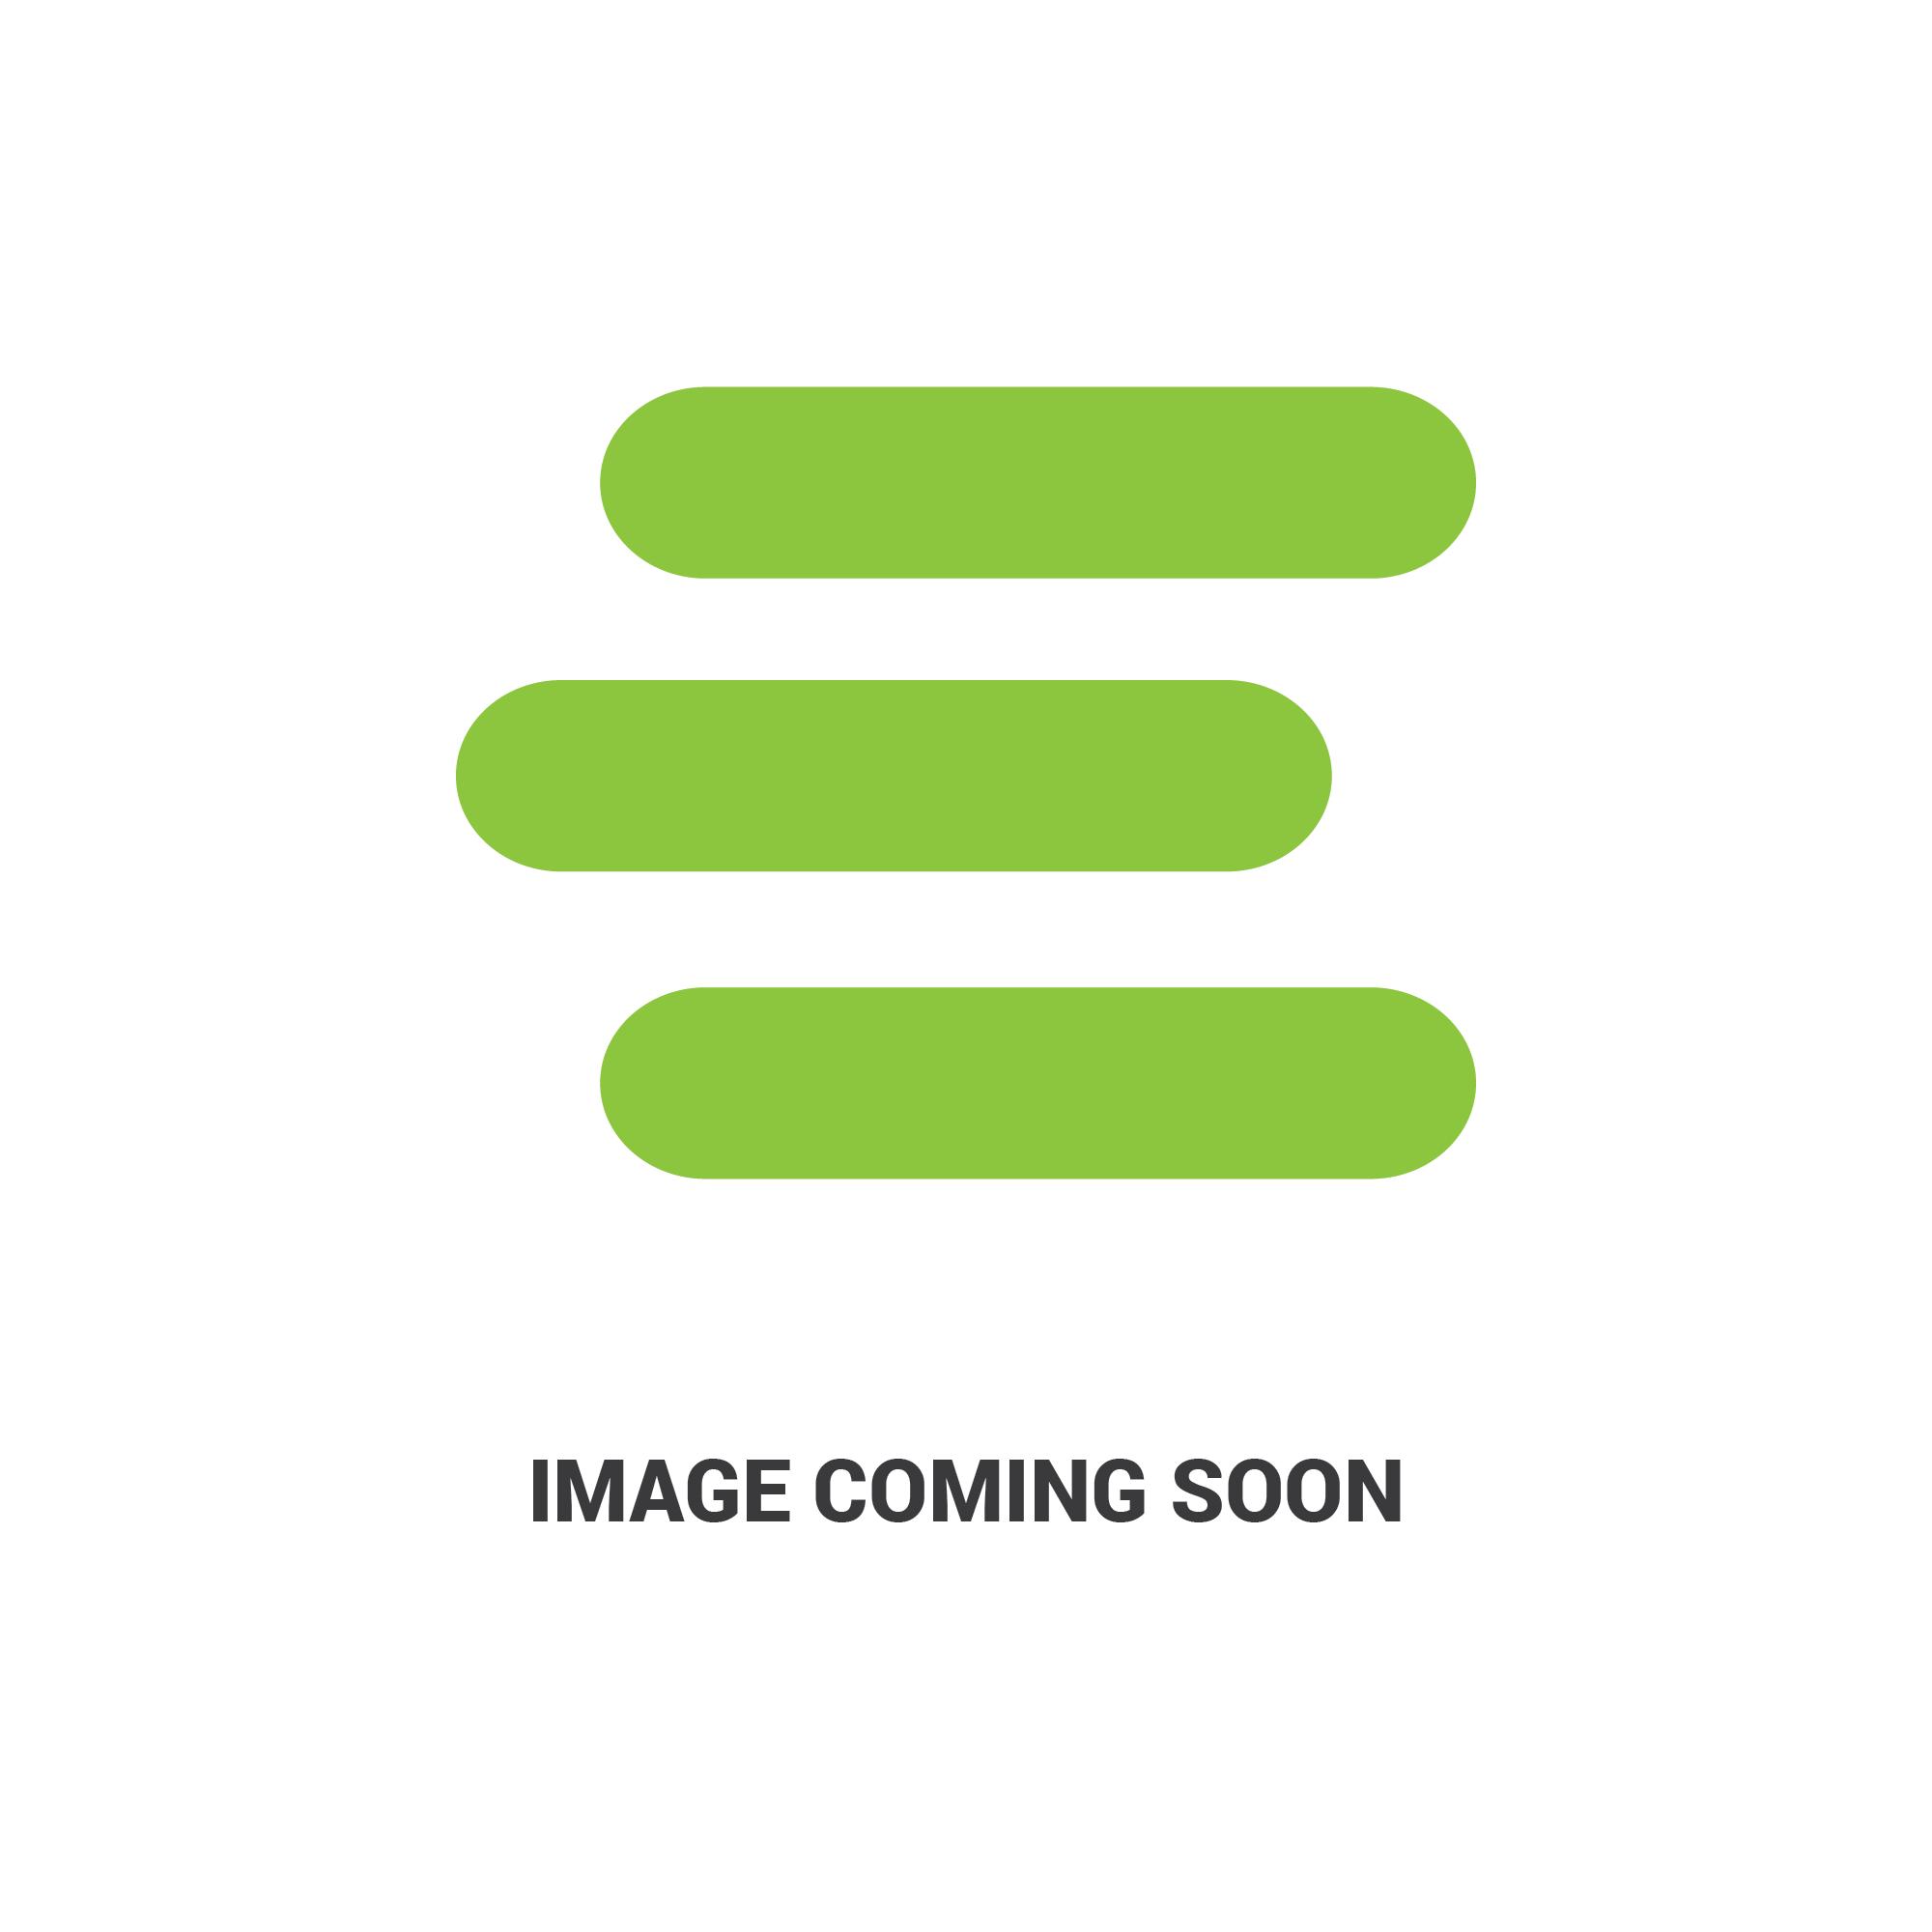 E-TD170-777002189_1.jpg